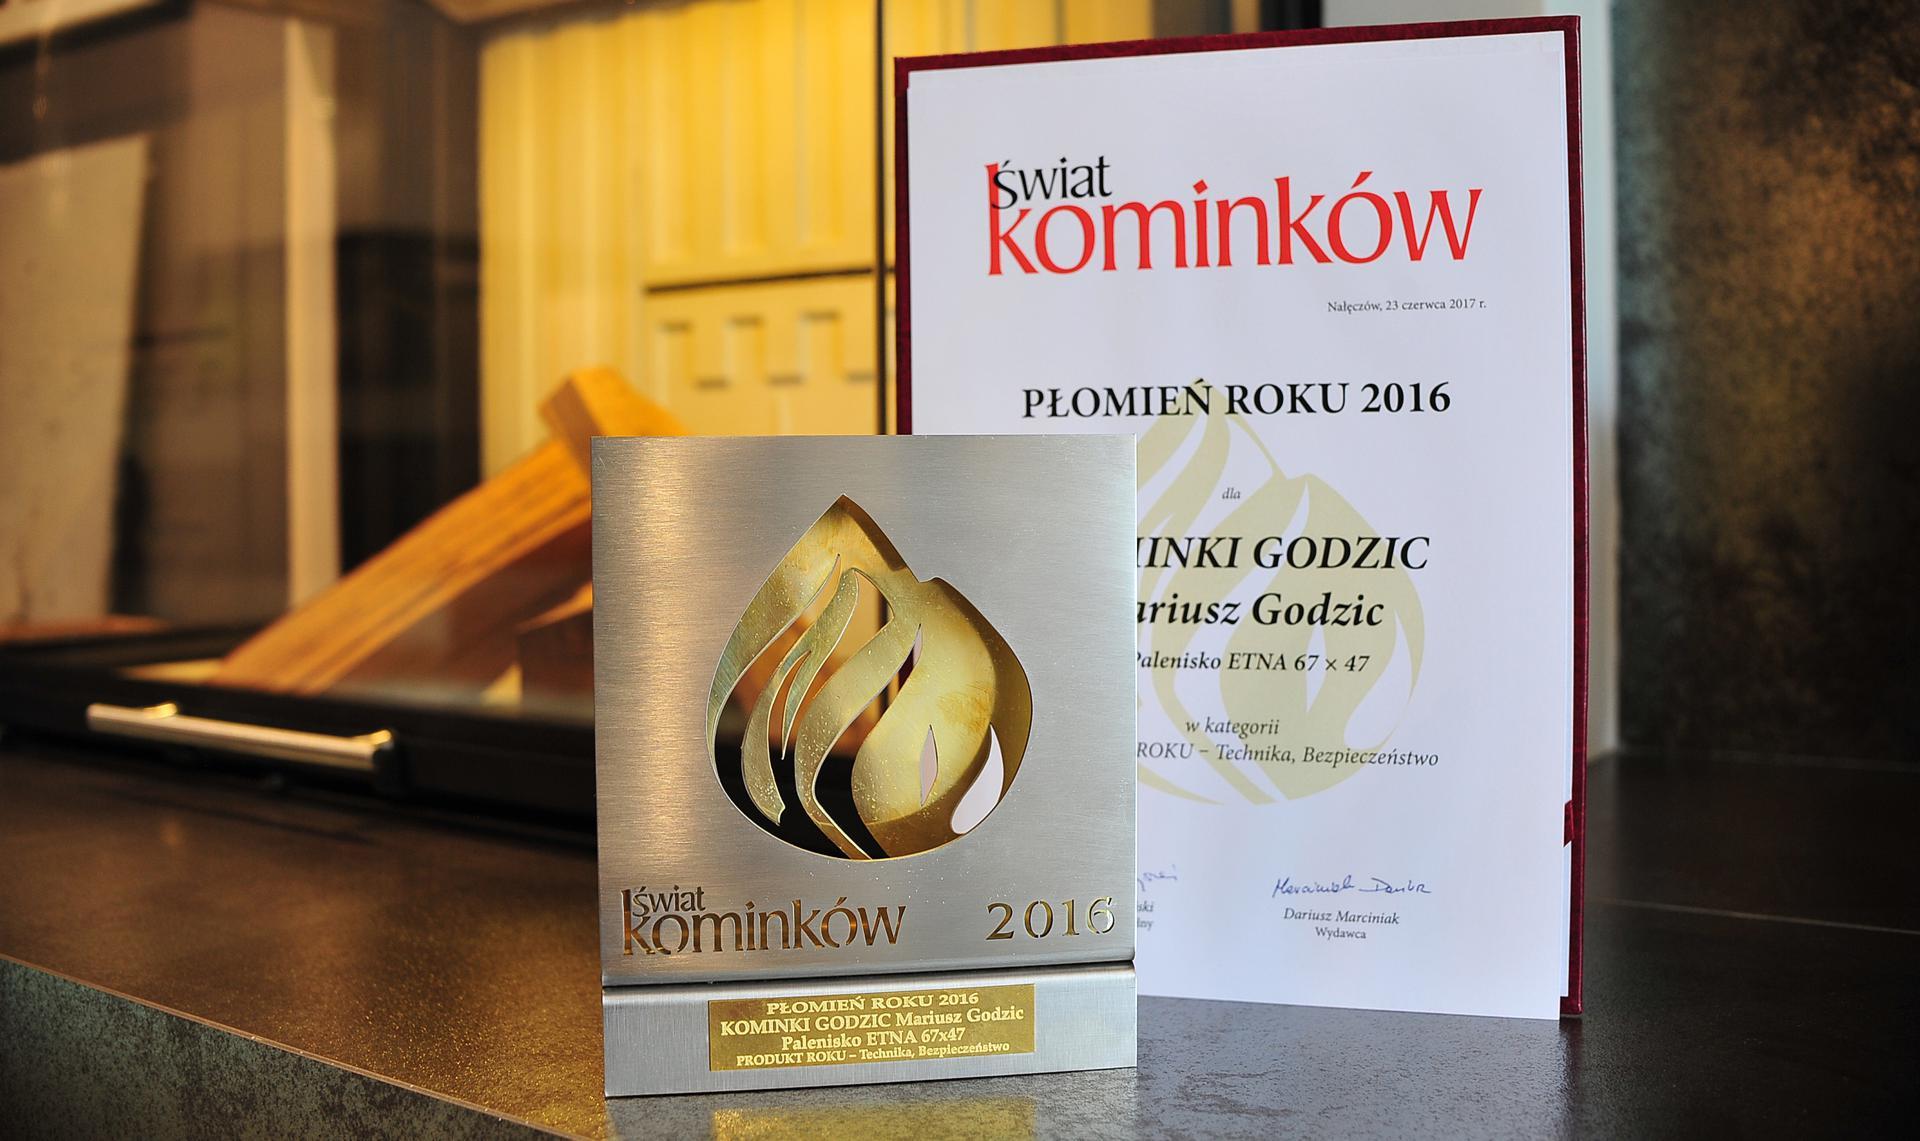 Nagroda-ETNA-Plomien-roku